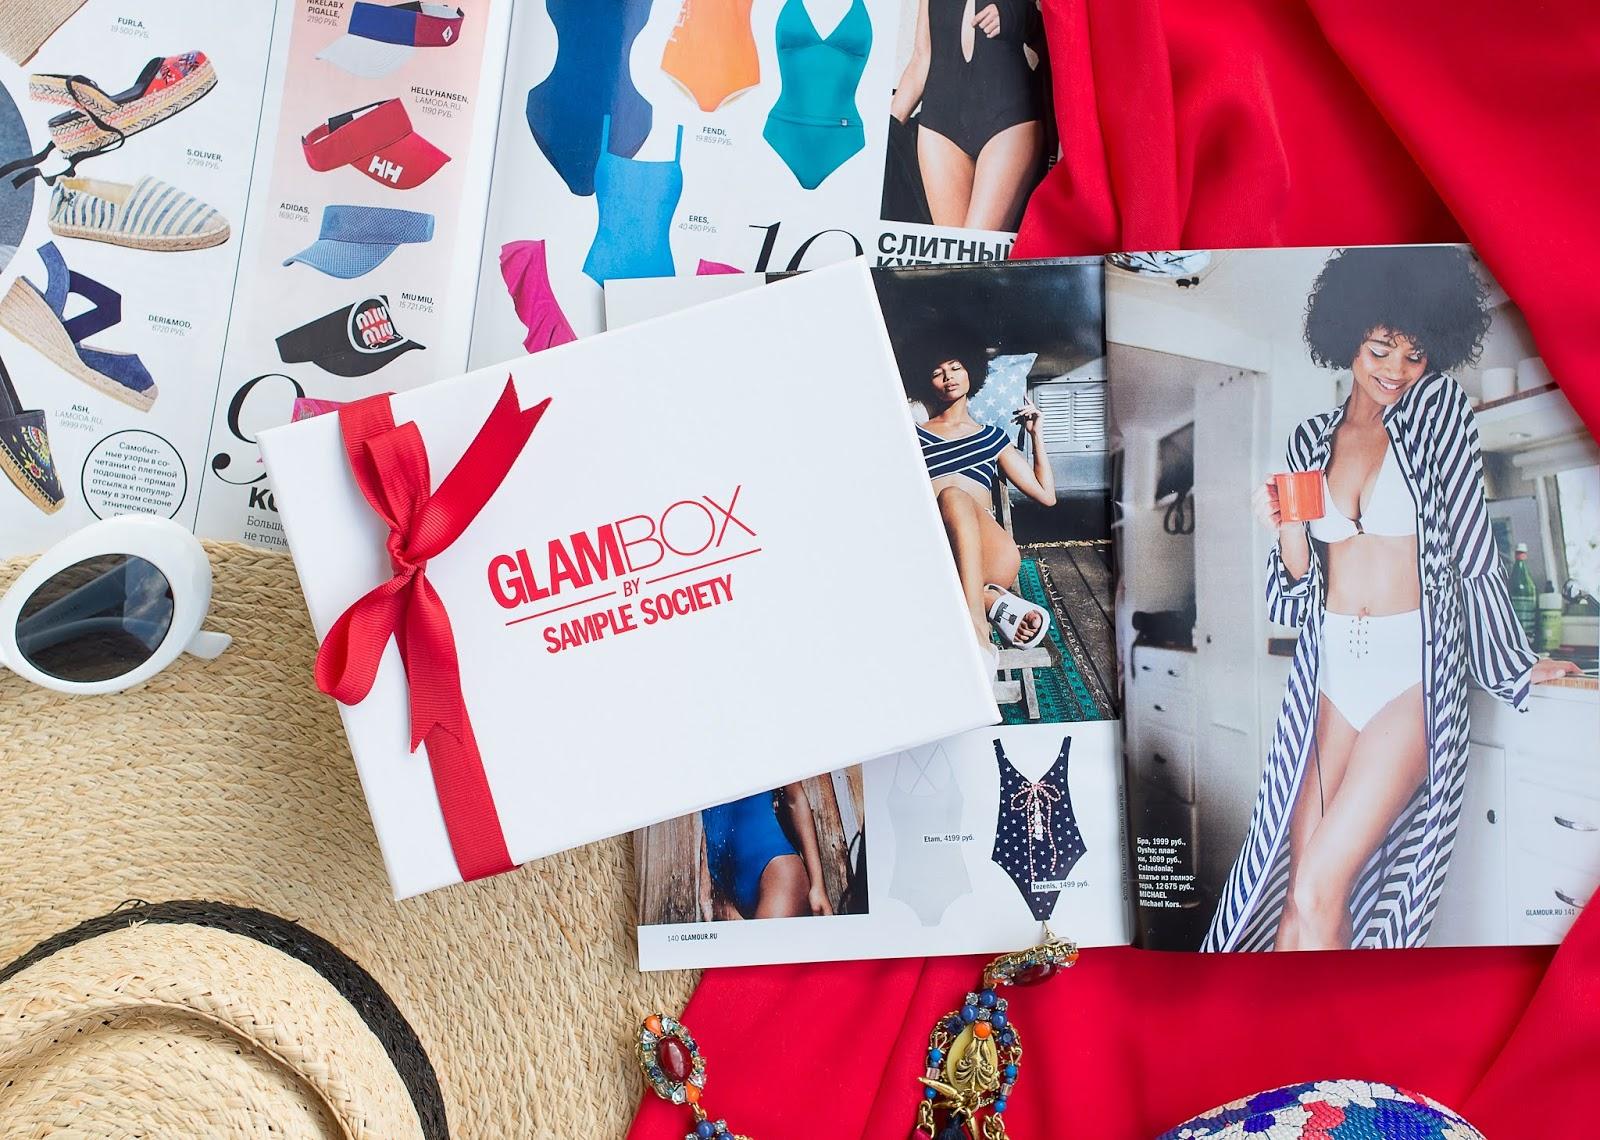 http://www.recklessdiary.ru/2018/08/glambag-glambox-iyun-Sample-Society-byuti-boksy-otzyvy.html